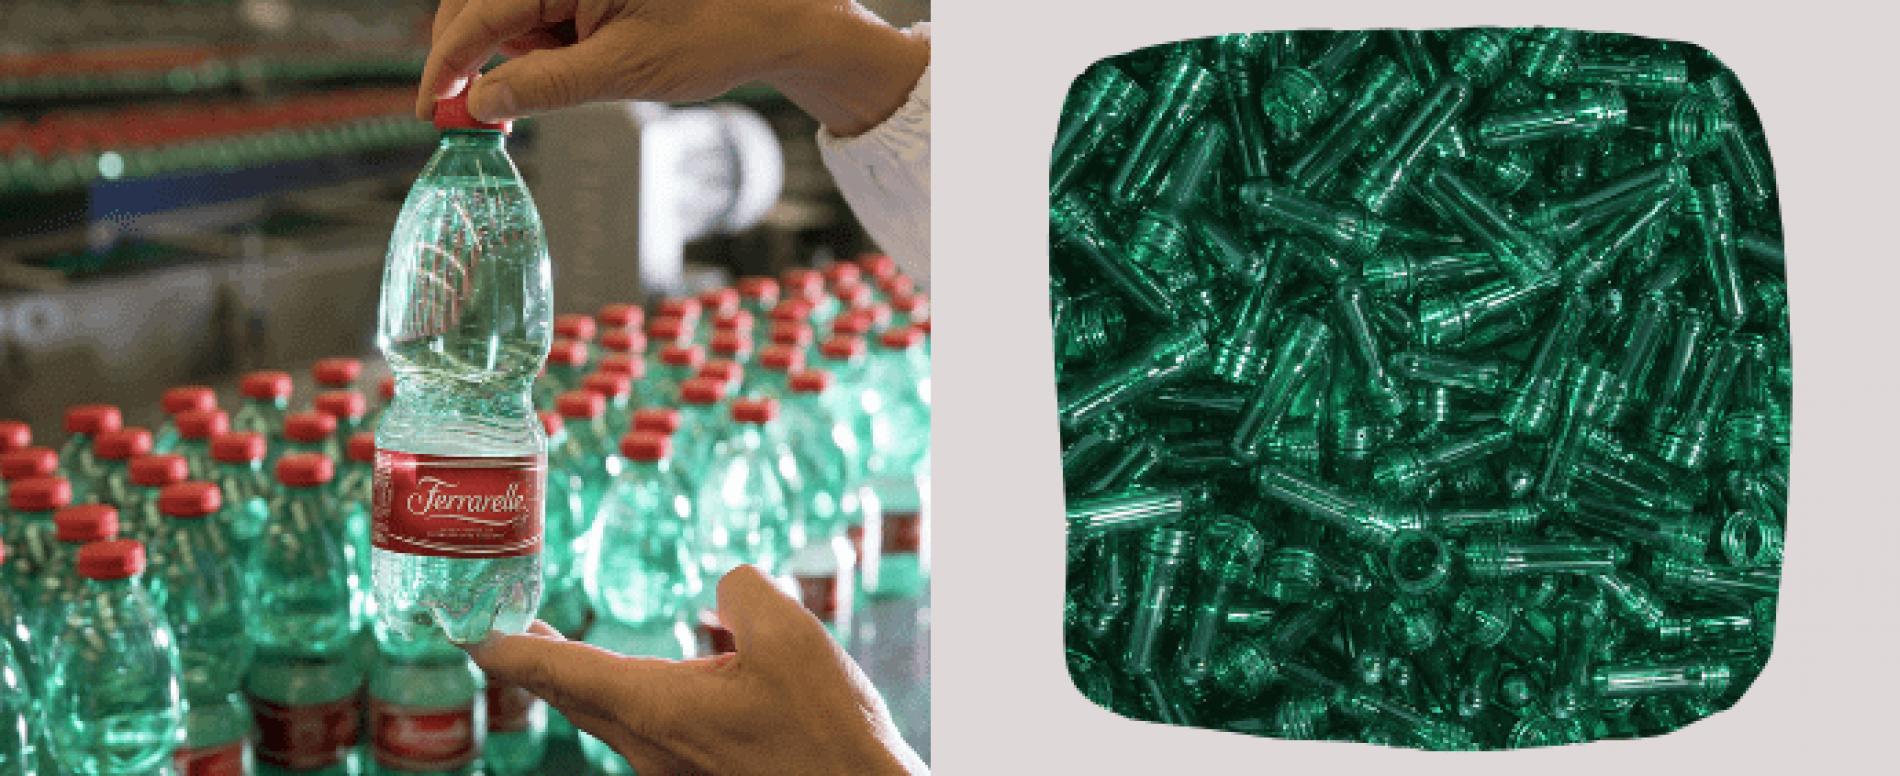 Il Gruppo Ferrarelle presenta i risultati del progetto bottle-to-bottle